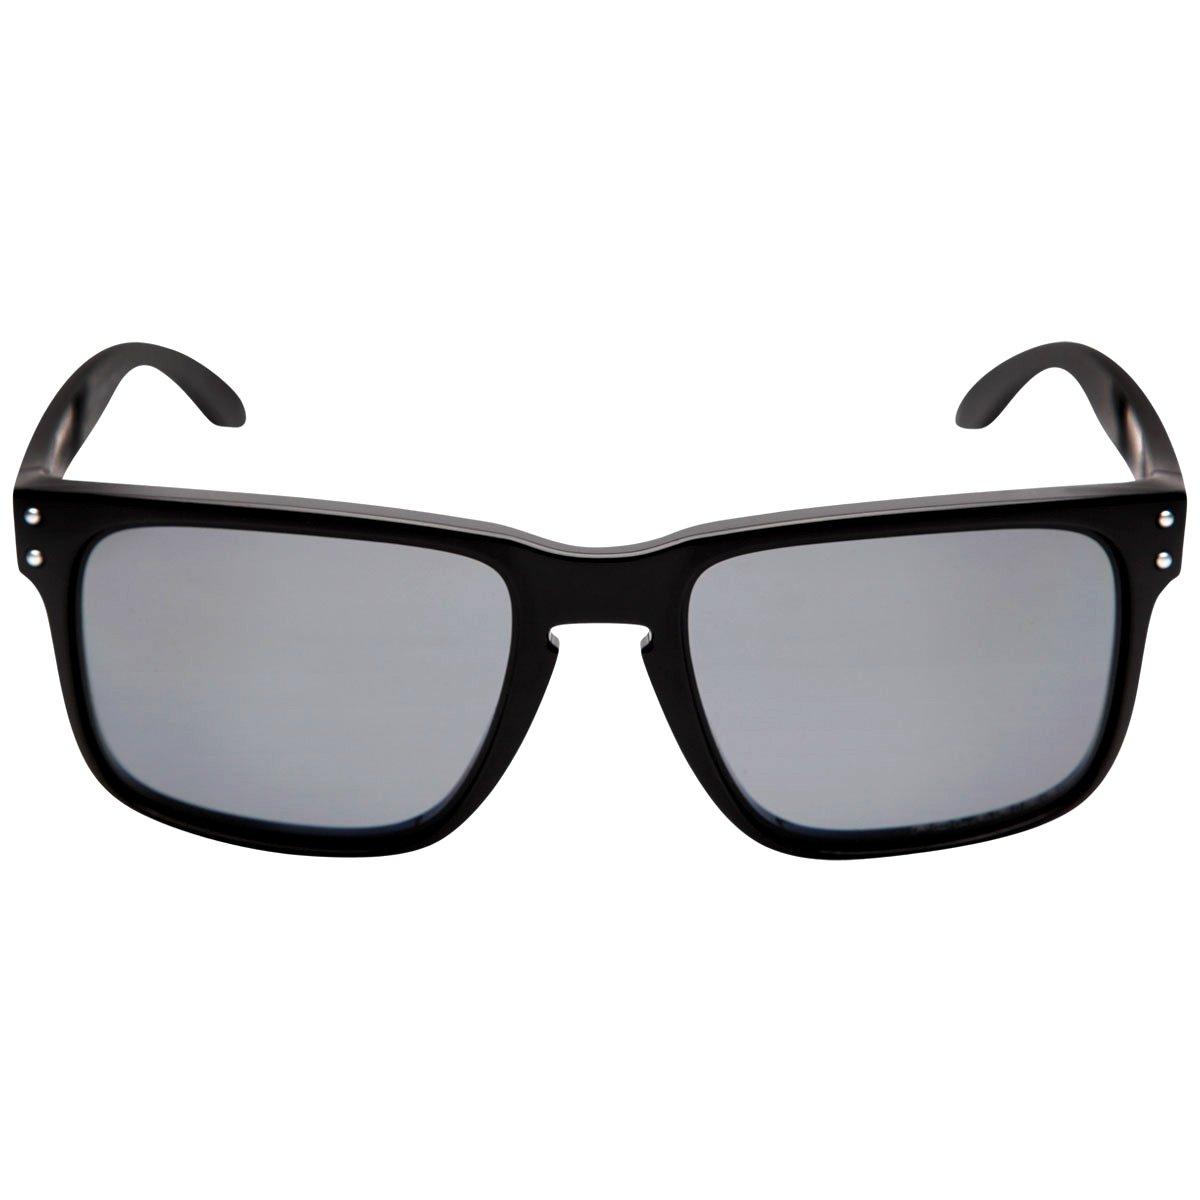 Óculos de Sol Oakley Holbrook Masculino - Preto - Compre Agora ... 249aaebee7